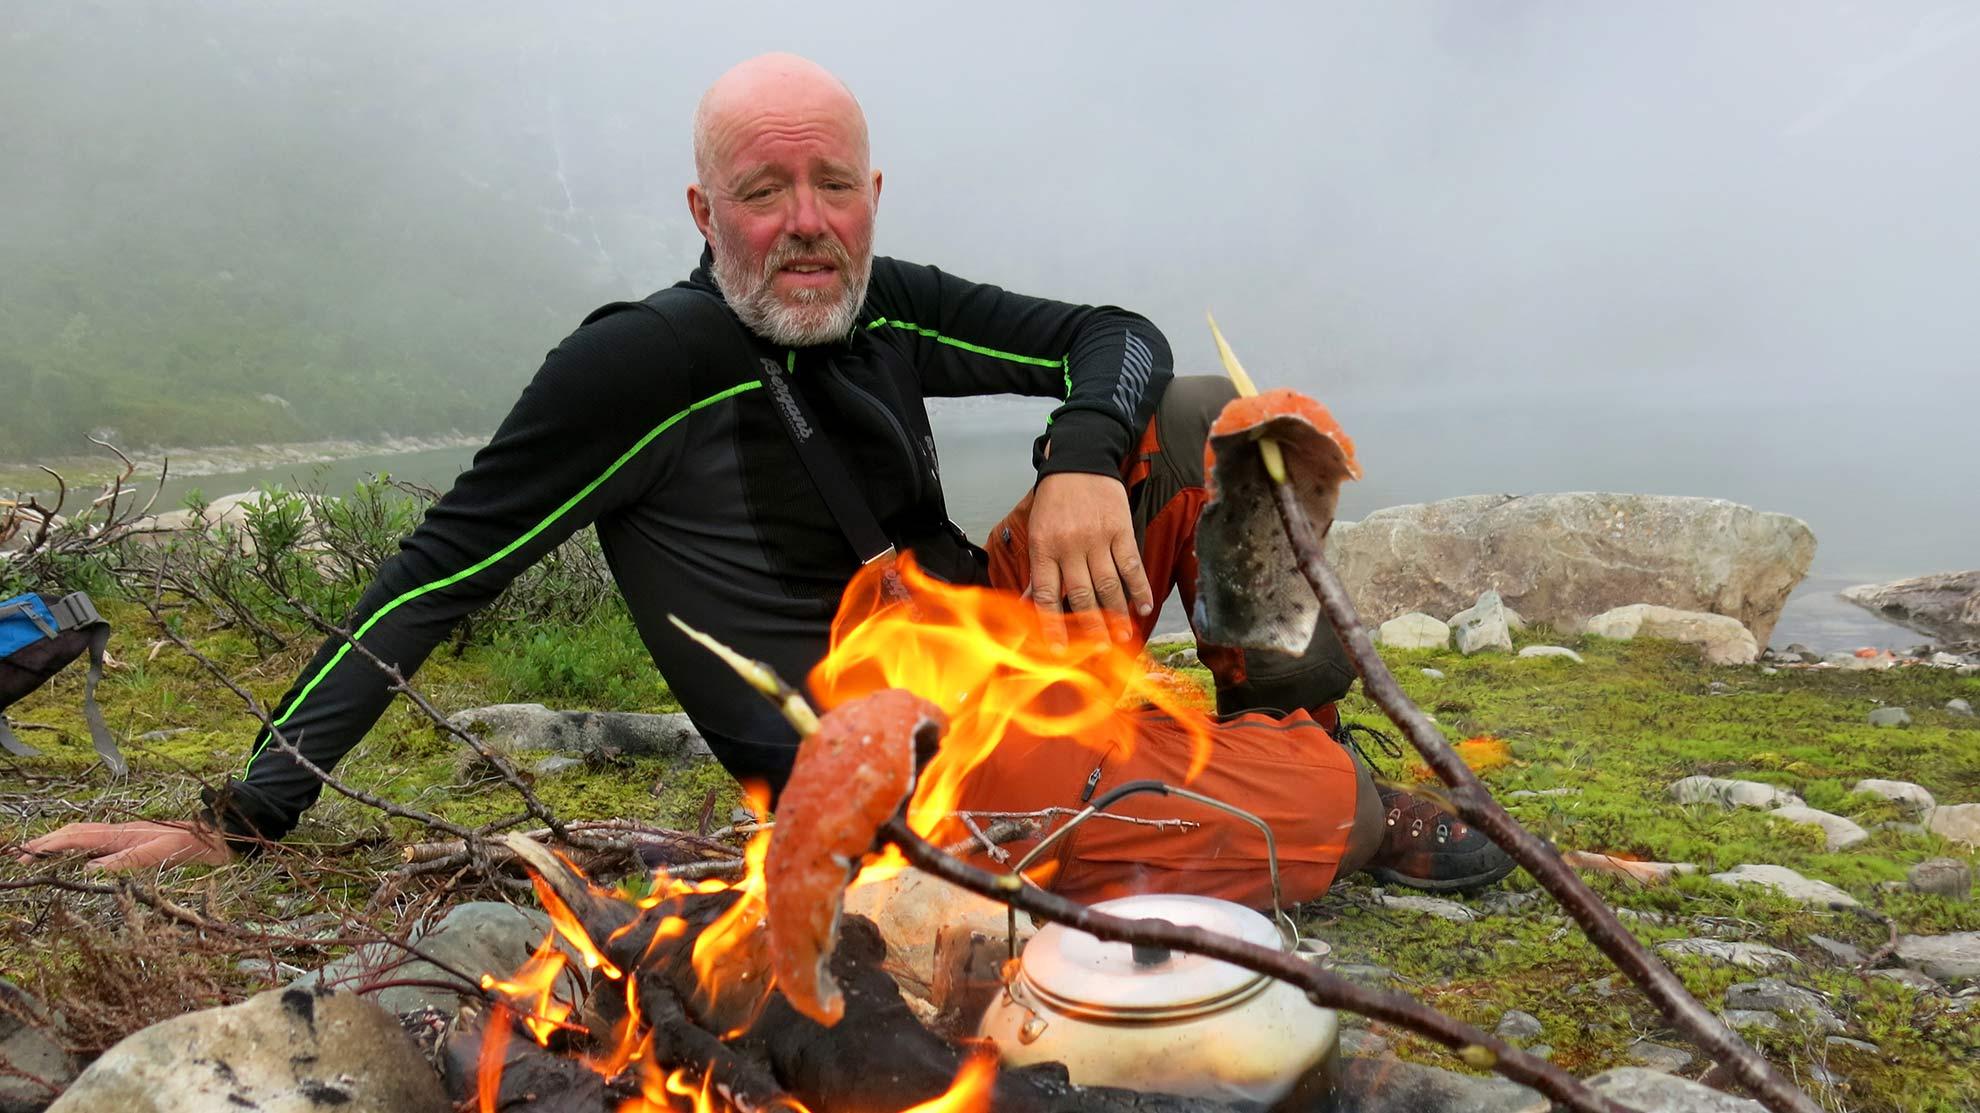 STORFISK: Kilofisken blir grilla over bålet.